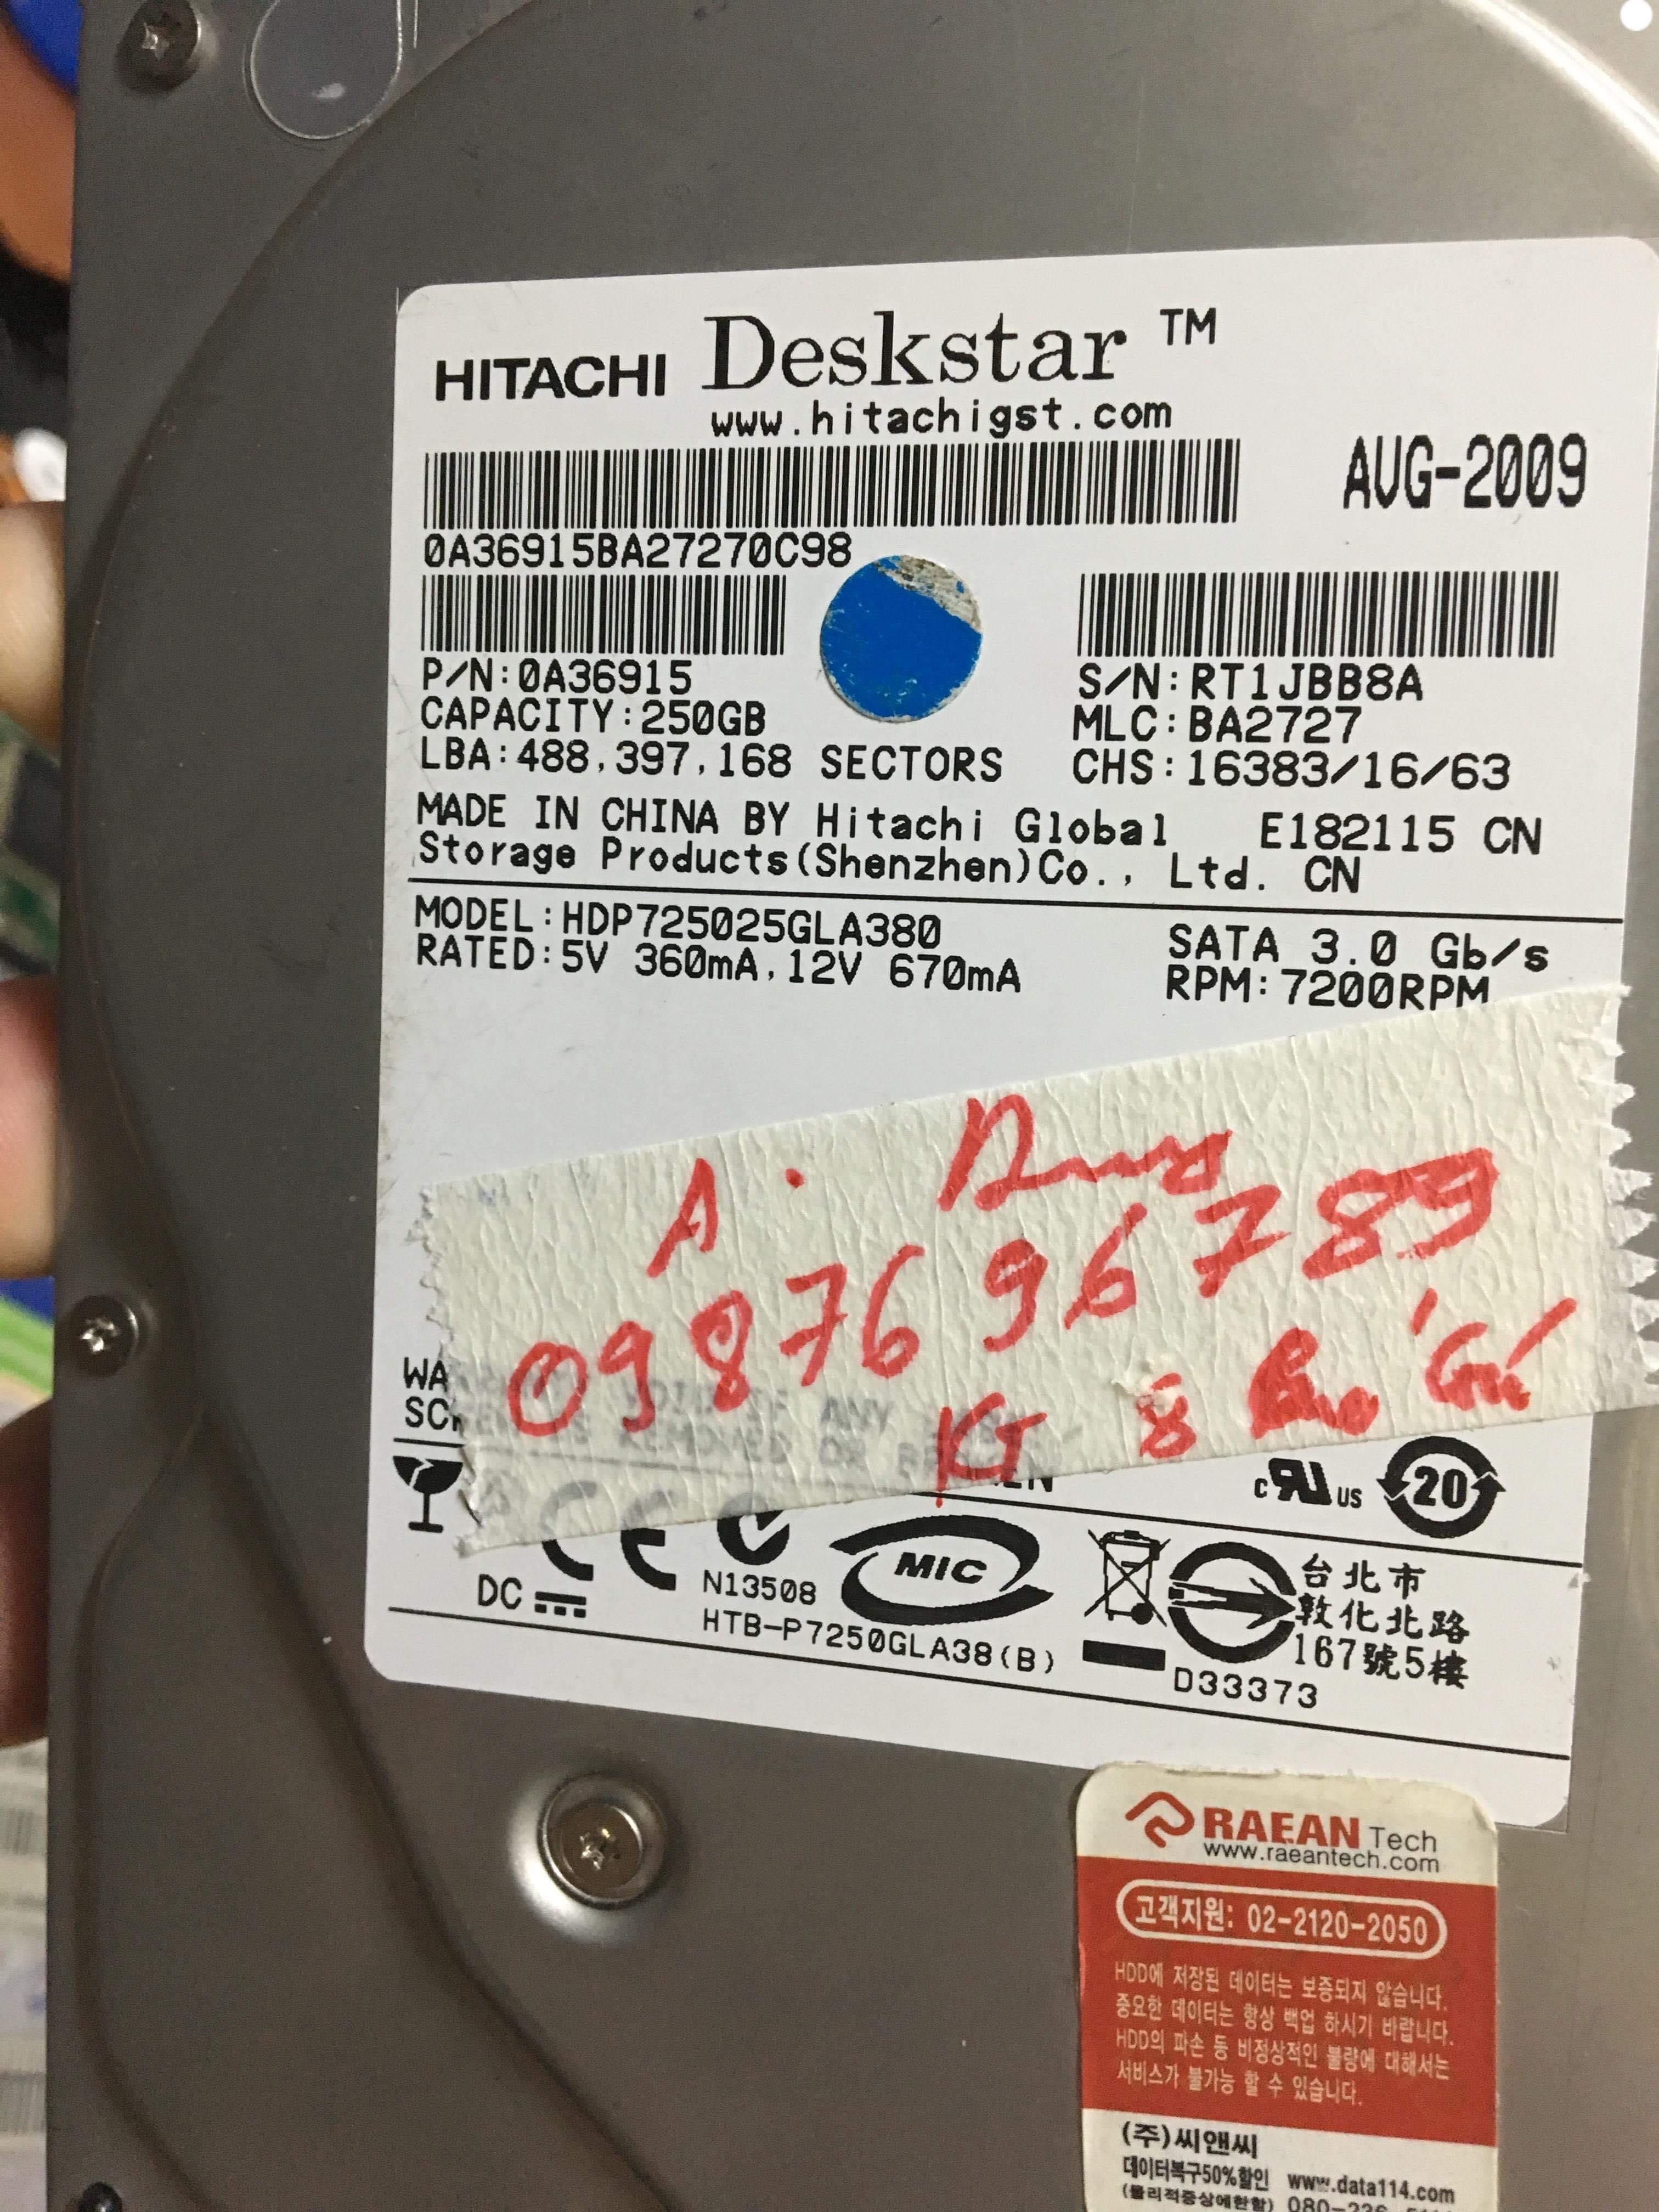 Cứu dữ liệu ổ cứng Hitachi 250GB không nhận - 07.12